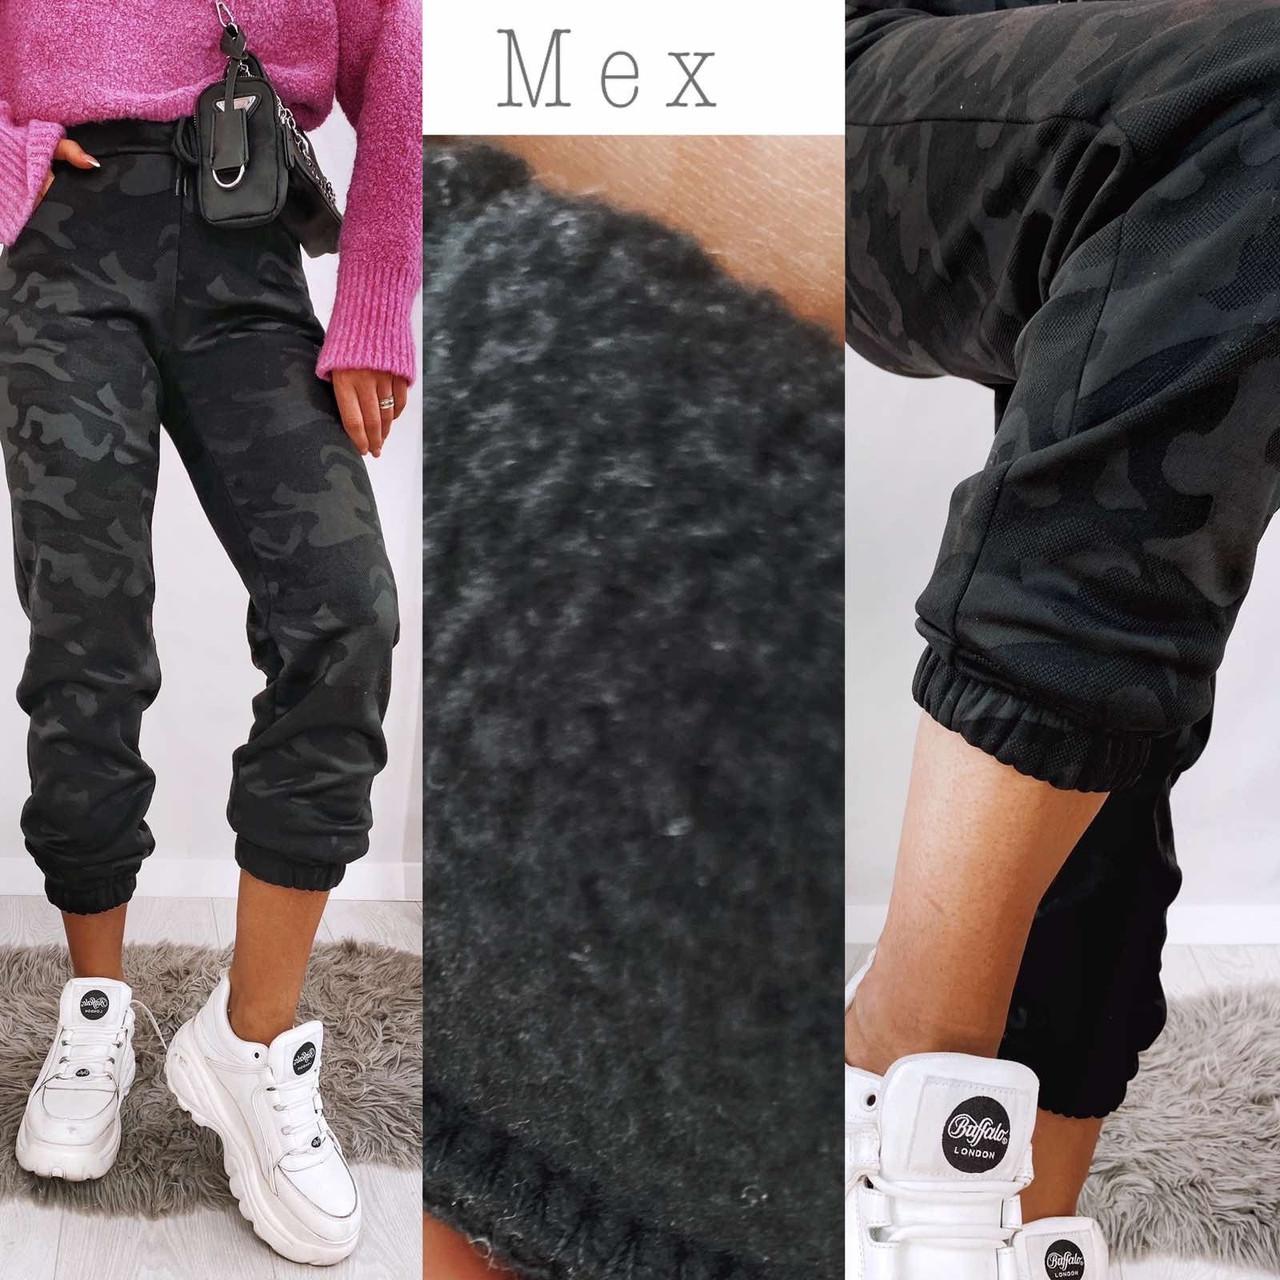 Женские спортивные брюки плотный трикотаж на меху, водонепроницаемая, р.42-44,44-46 Код 208Р